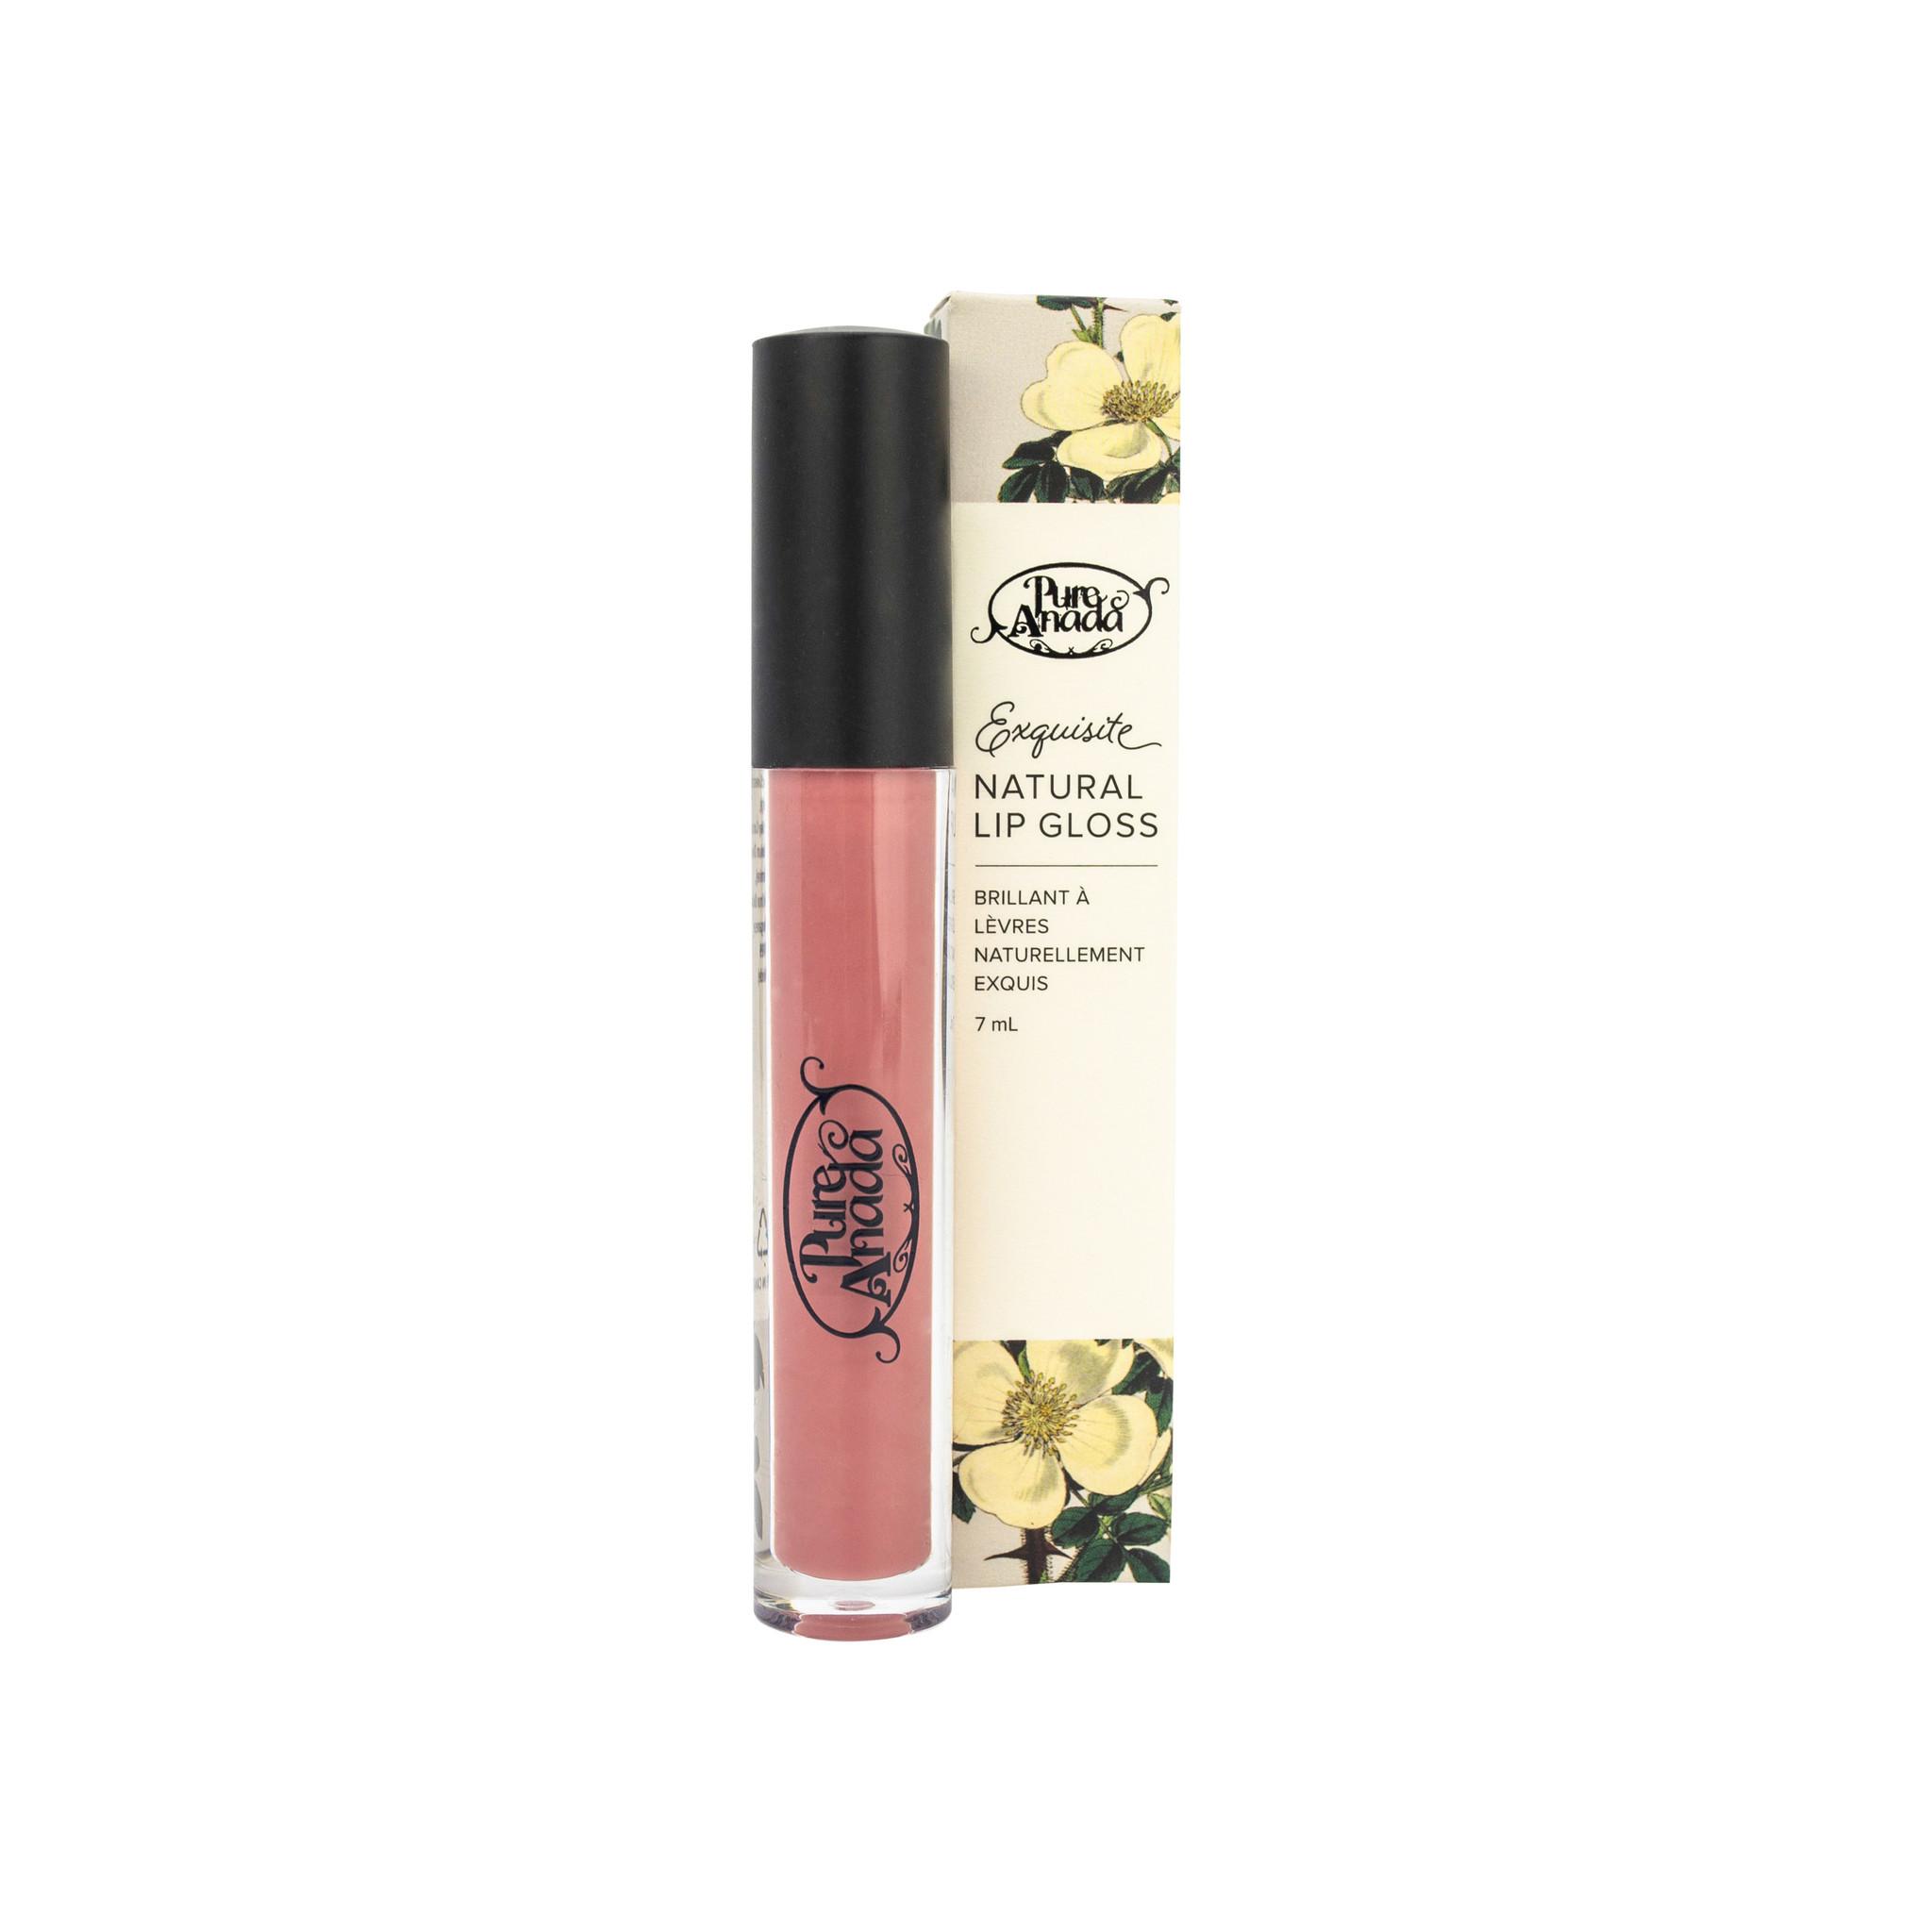 Exquisite Natural Lip Gloss - Plum (Matte)-1